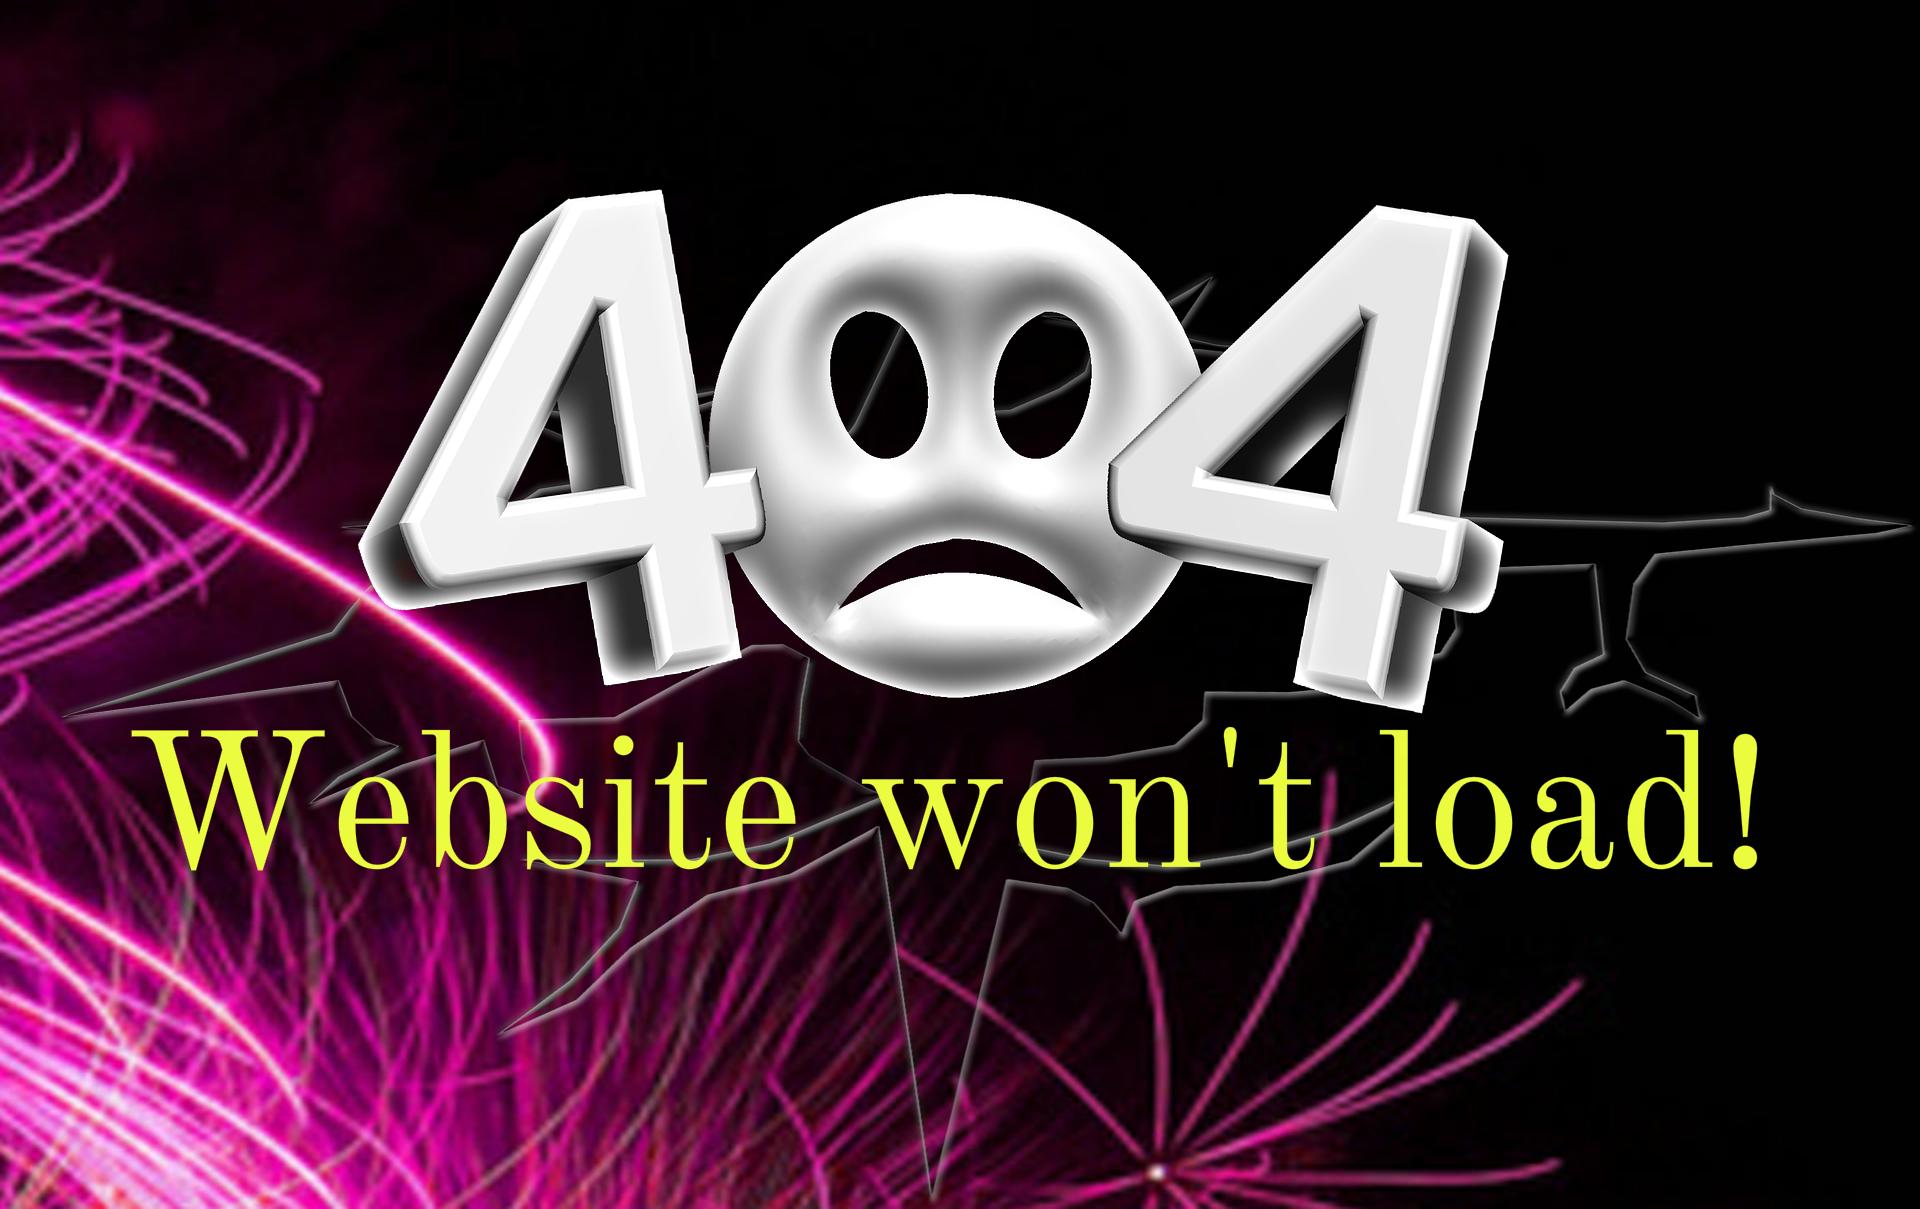 Image source: https://pixabay.com/en/error-404-404-error-error-1252056/